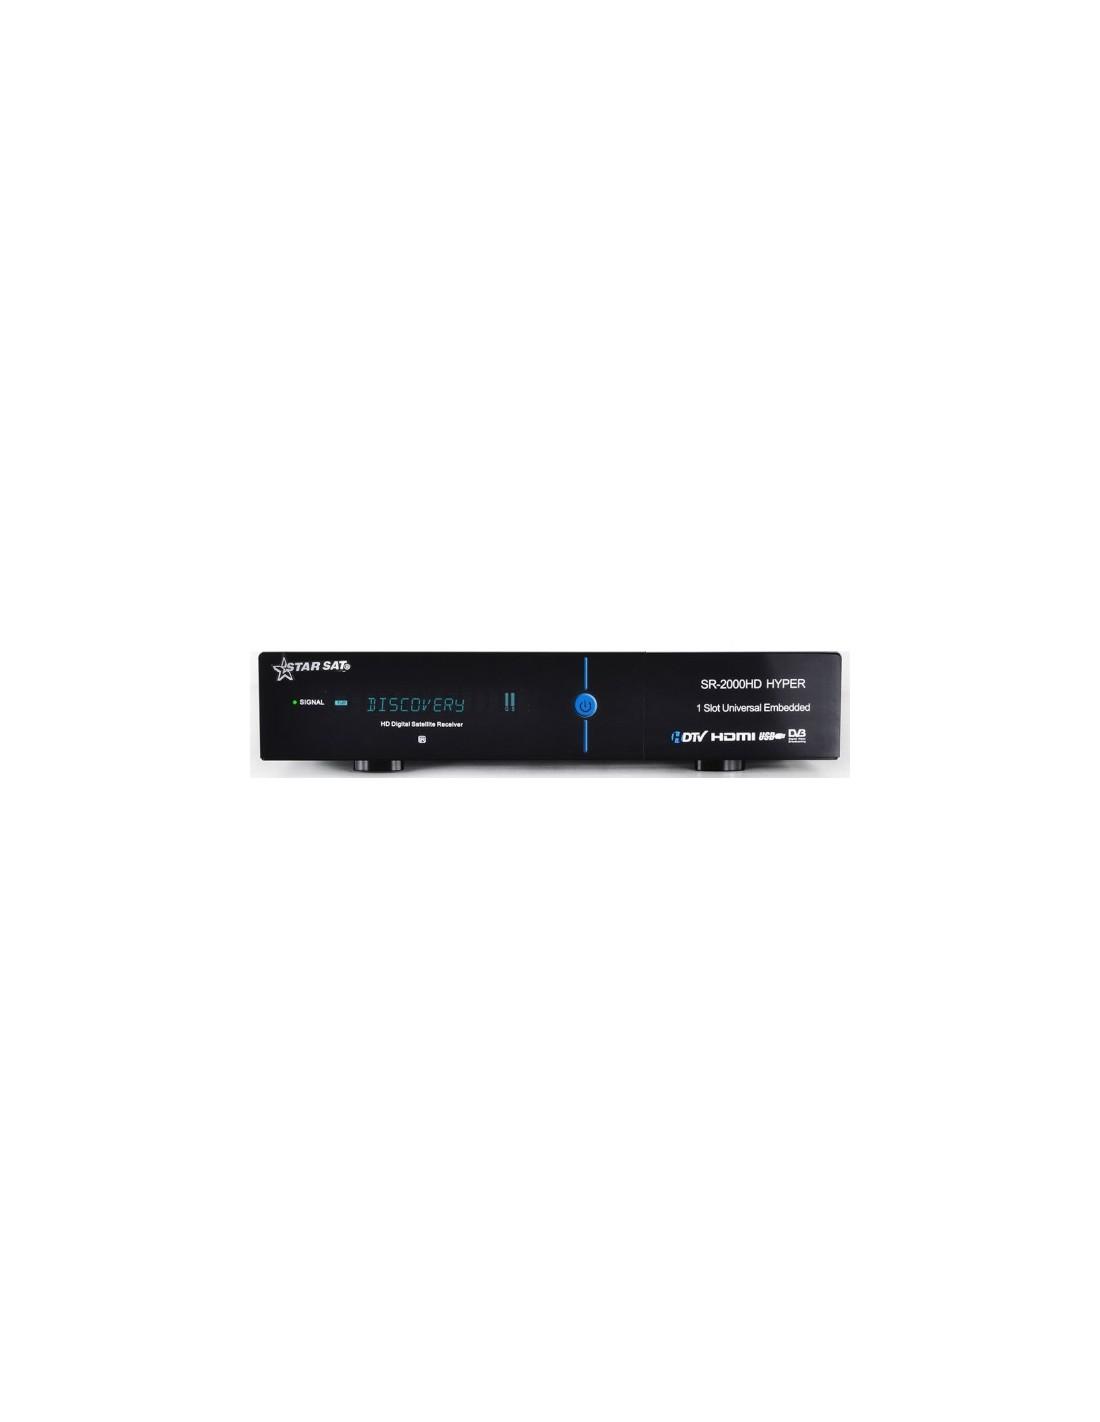 Récepteur StarSat SR - 2000HD HYPER Avec Abonnement